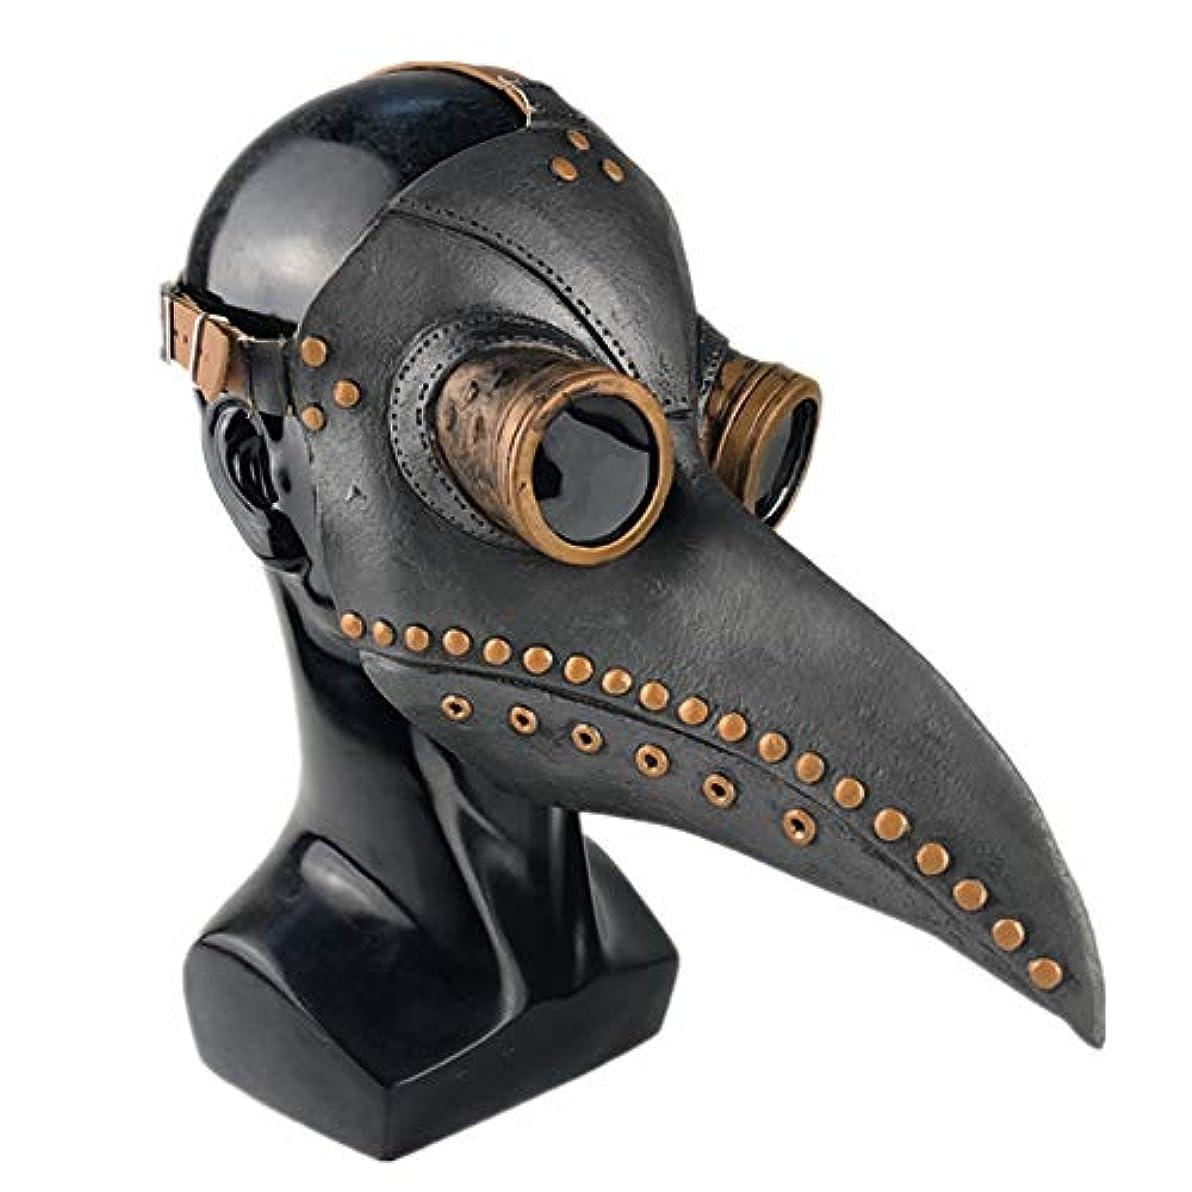 書くゆり会議KISSION ホラーマスク ハロウィンデコレーション 通気性 ペストスチーム喙ドクターマスク 仮面舞踏会喙ドクターマスク 小道具 黒 銅の爪